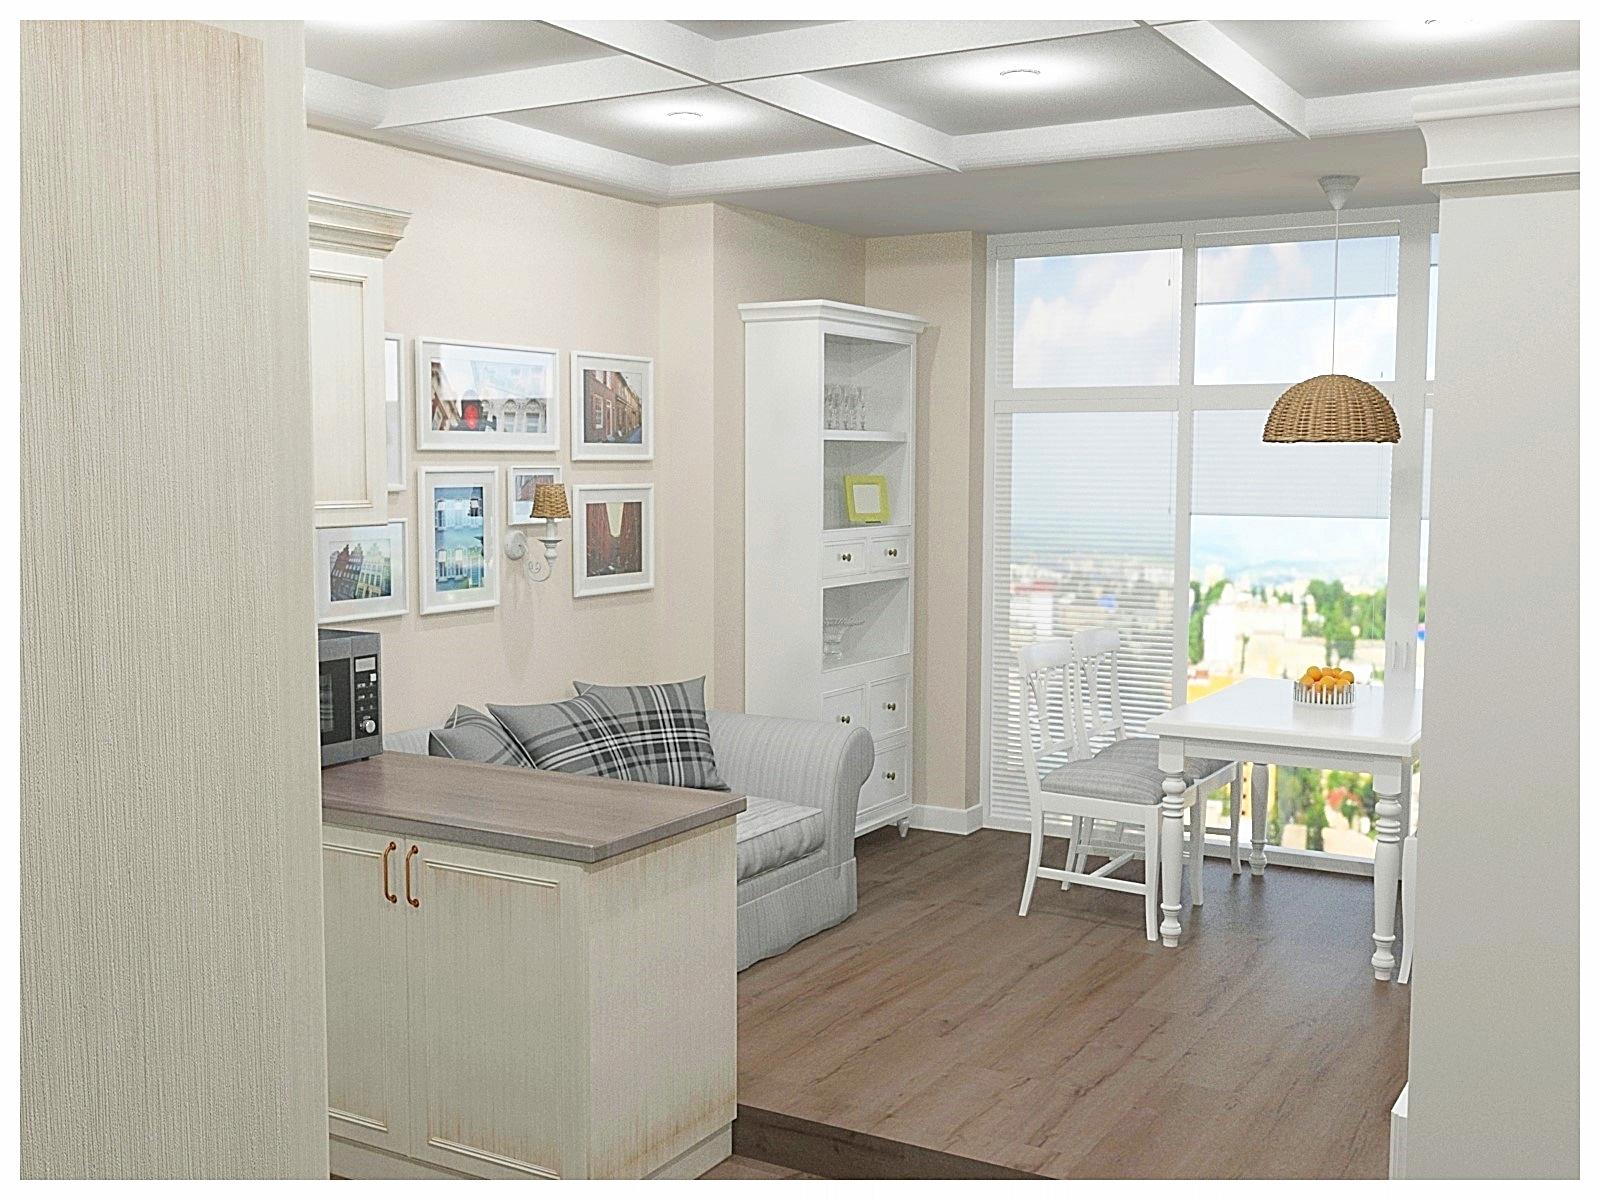 Дизайн интерьеров двухкомнатной квартиры по договору на дизайн проект. Гостиная-кухня 3.